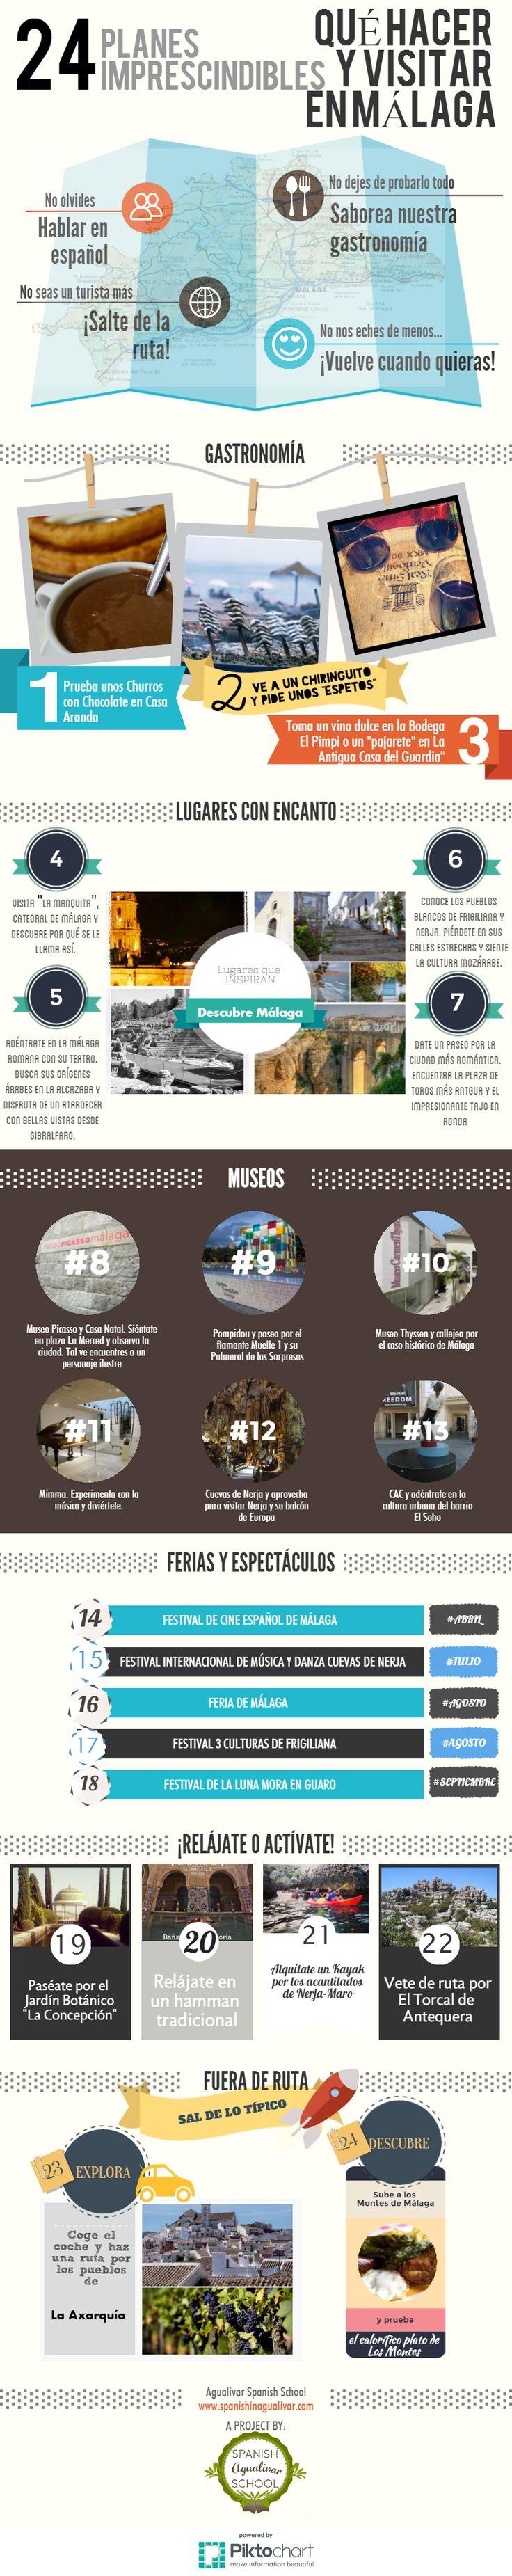 Planes imprescindibles en Málaga provincia. ¿Qué hacer y qué visitar en Málaga?